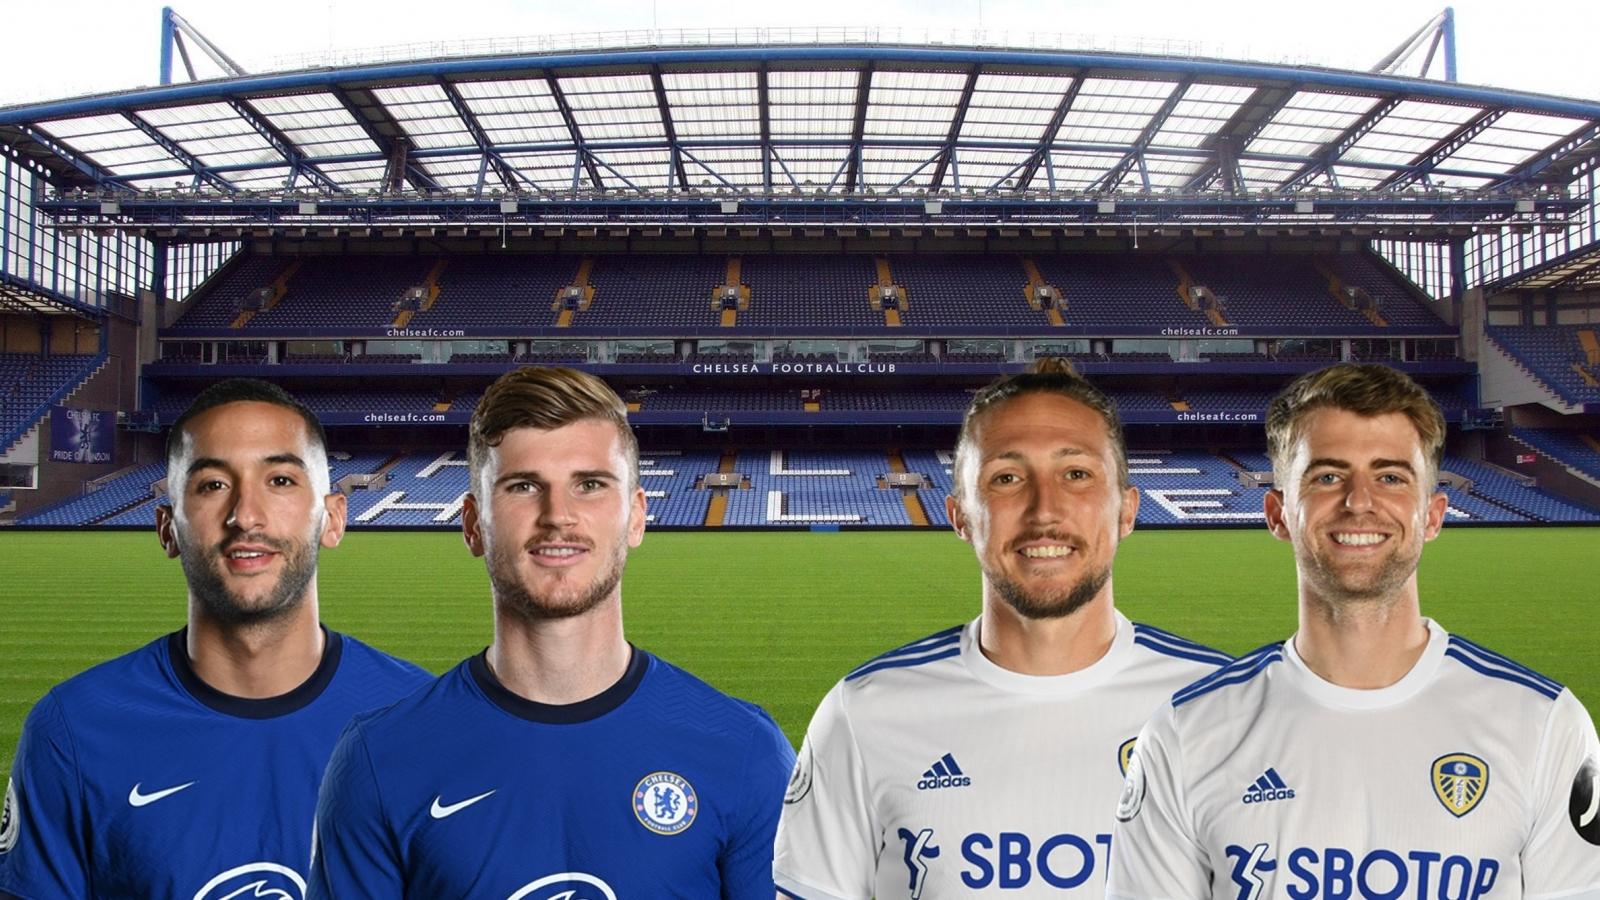 Thông tin lực lượng, dự đoán tỷ số Chelsea - Leeds